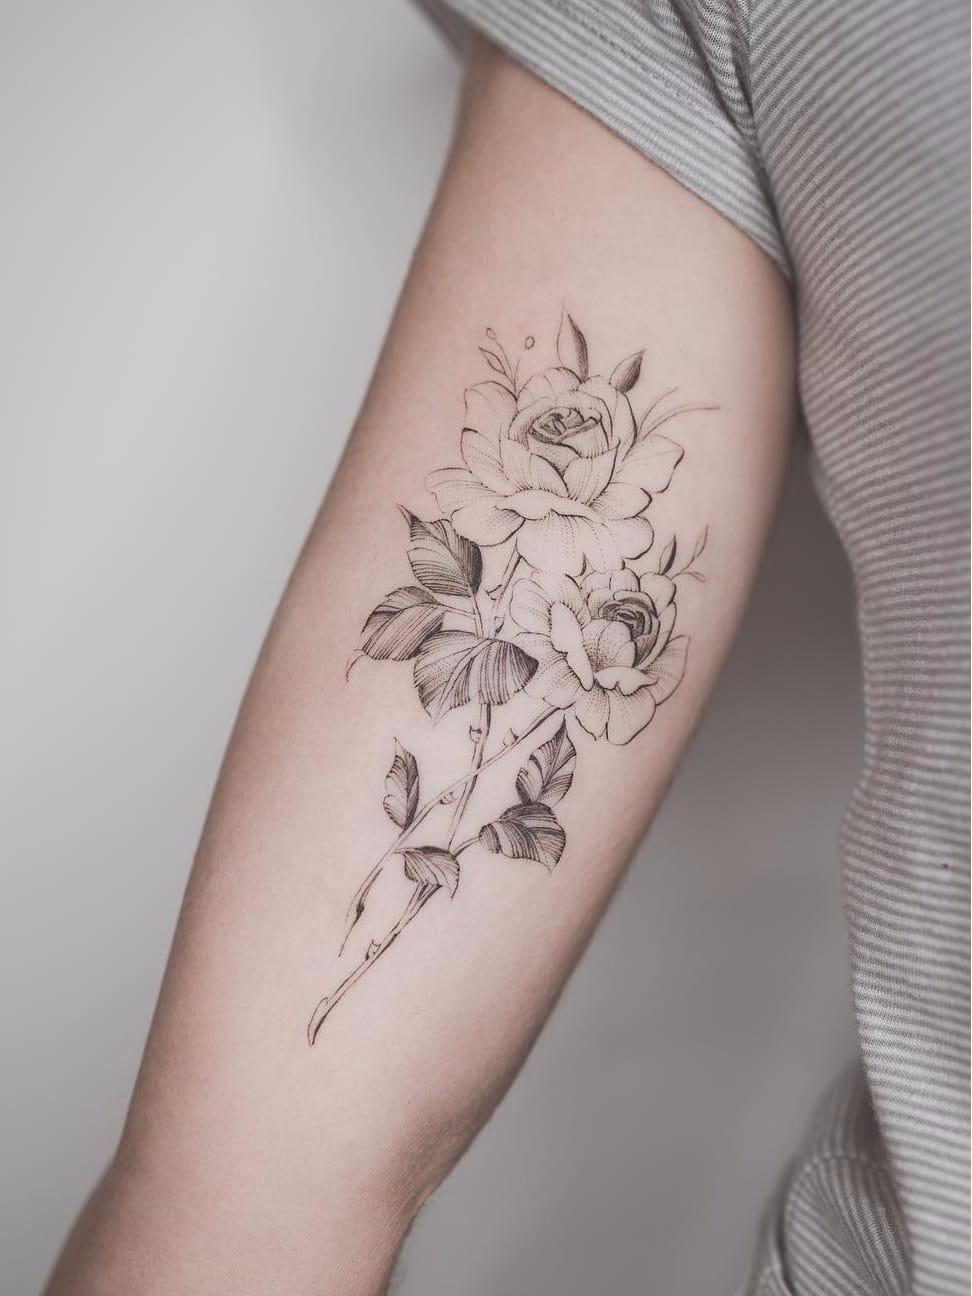 Por Tritoan Ly #TritoanLy #gringo #fineline #botanica #botanical #flor #flower #delicate #delicada #blackwork #pontilhismo #dotwork #rosa #rose #folha #leaf